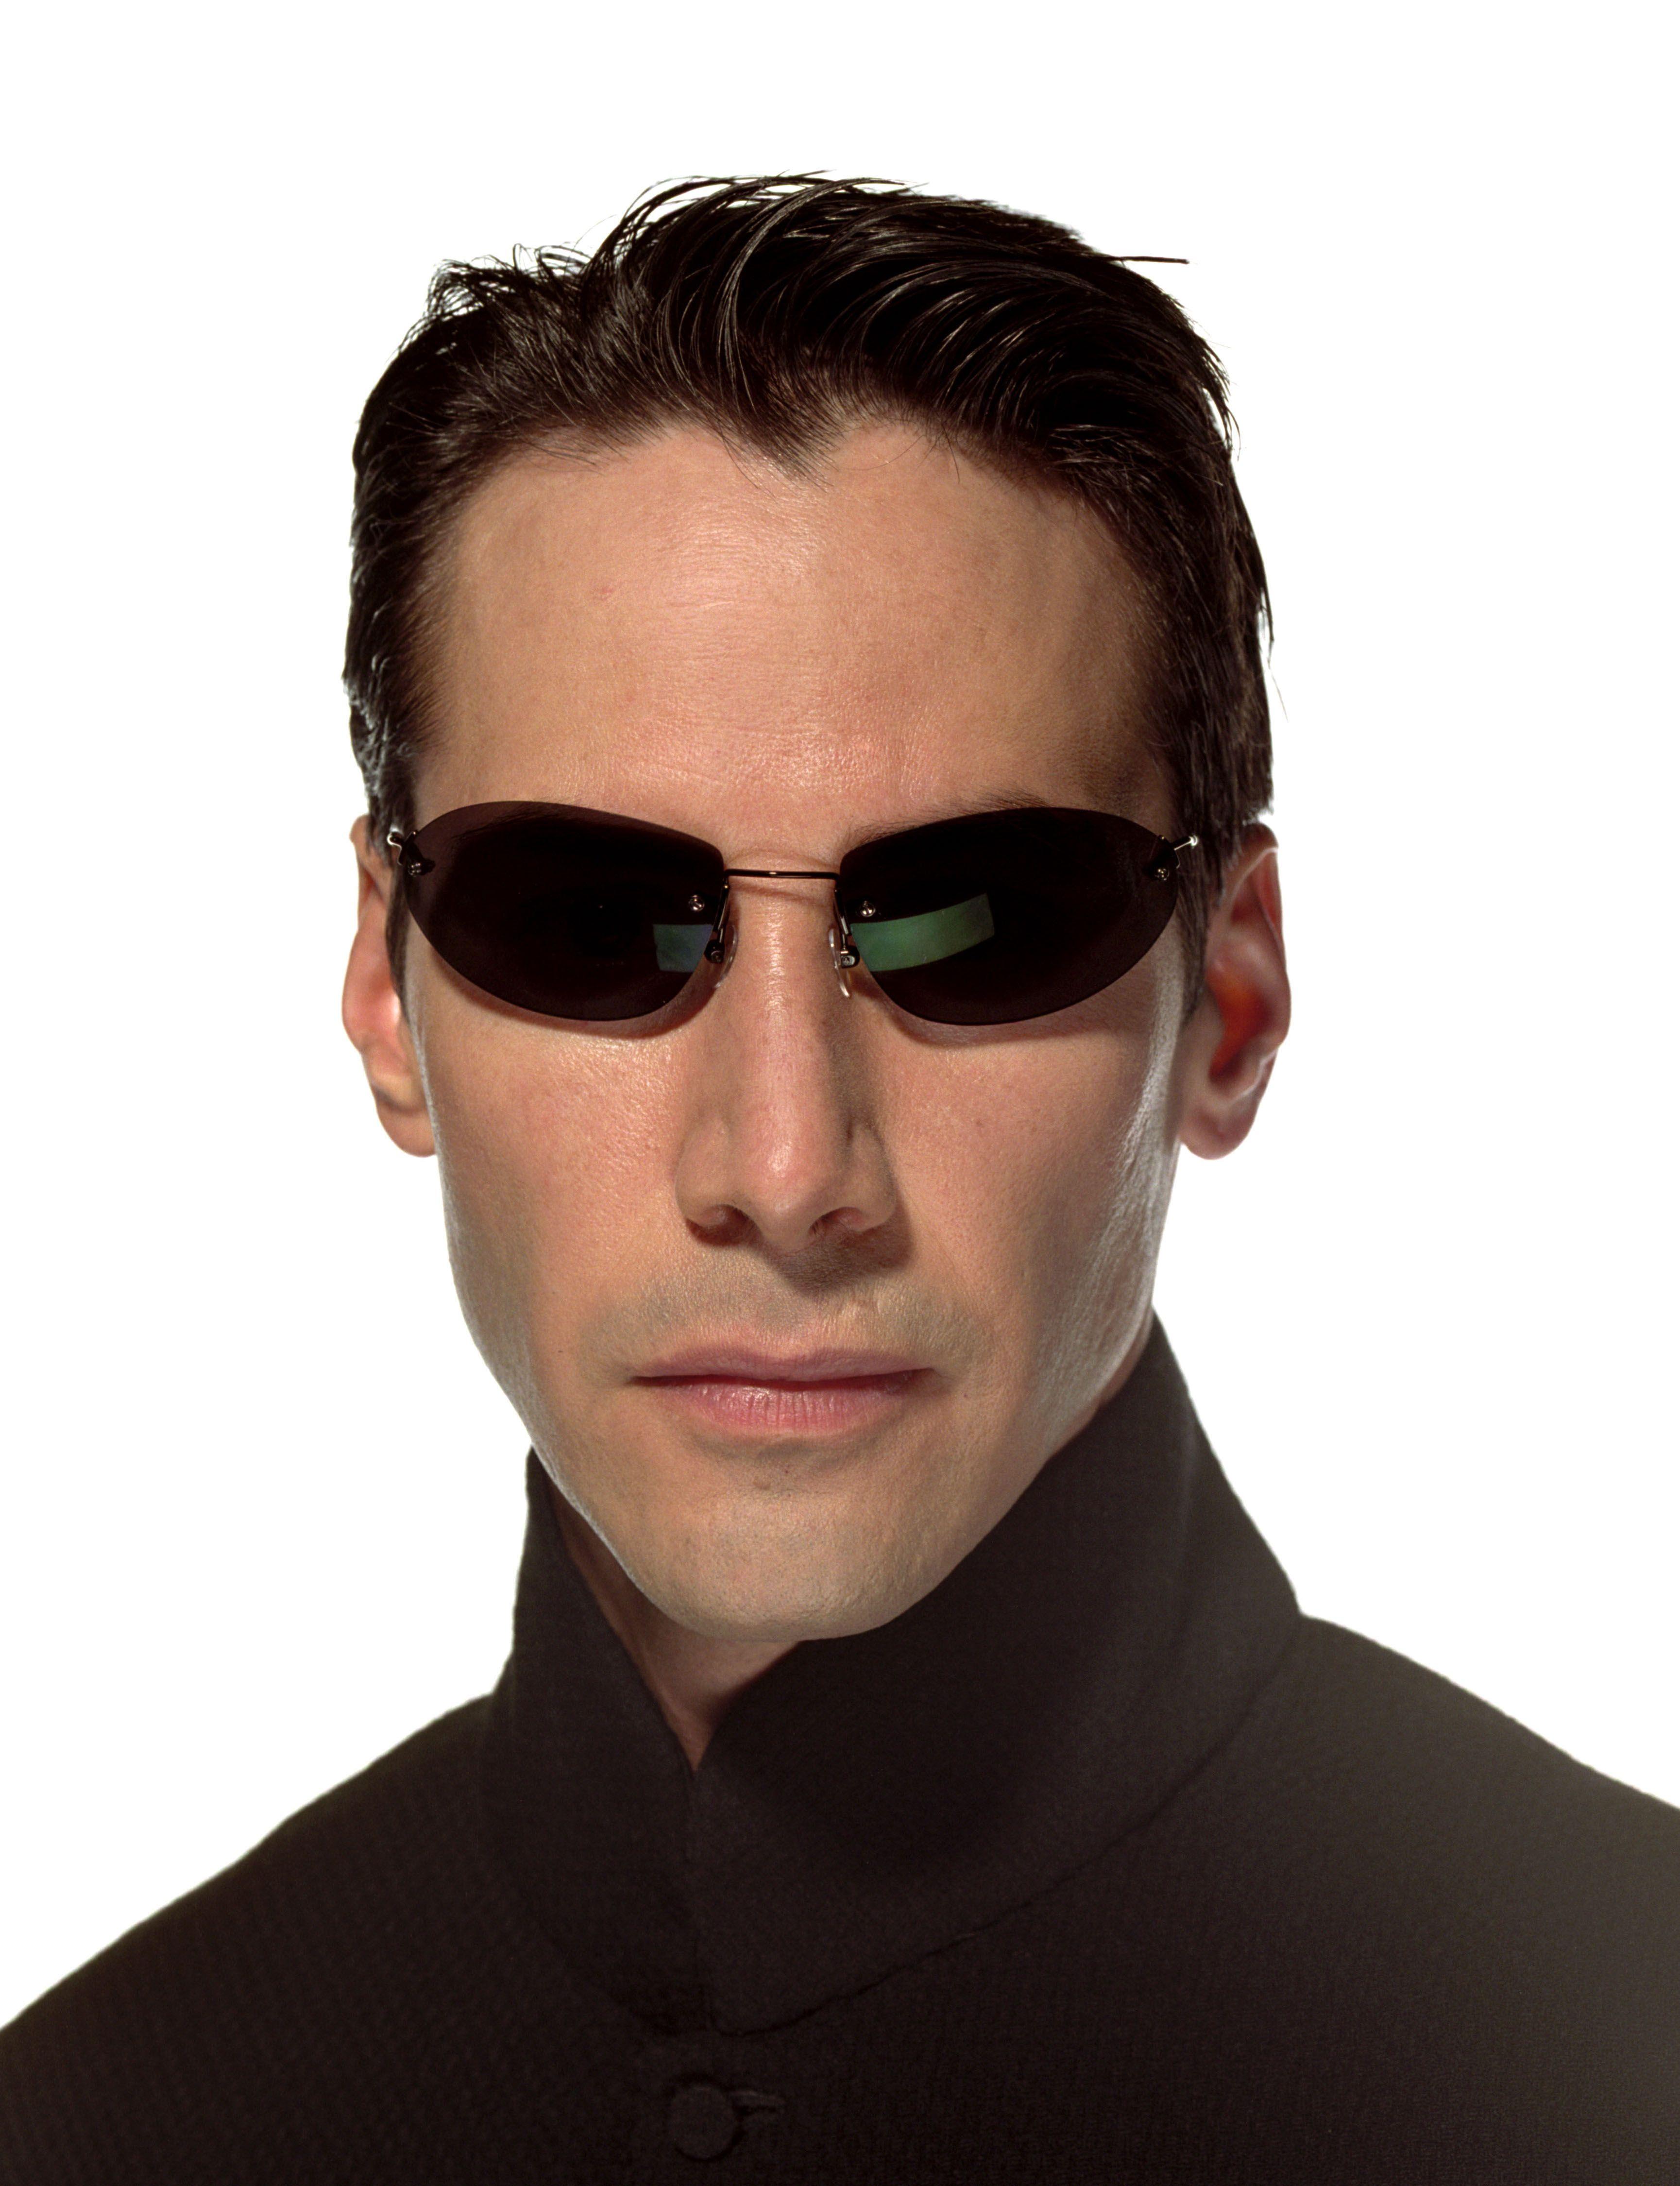 Neo keanu Reeves